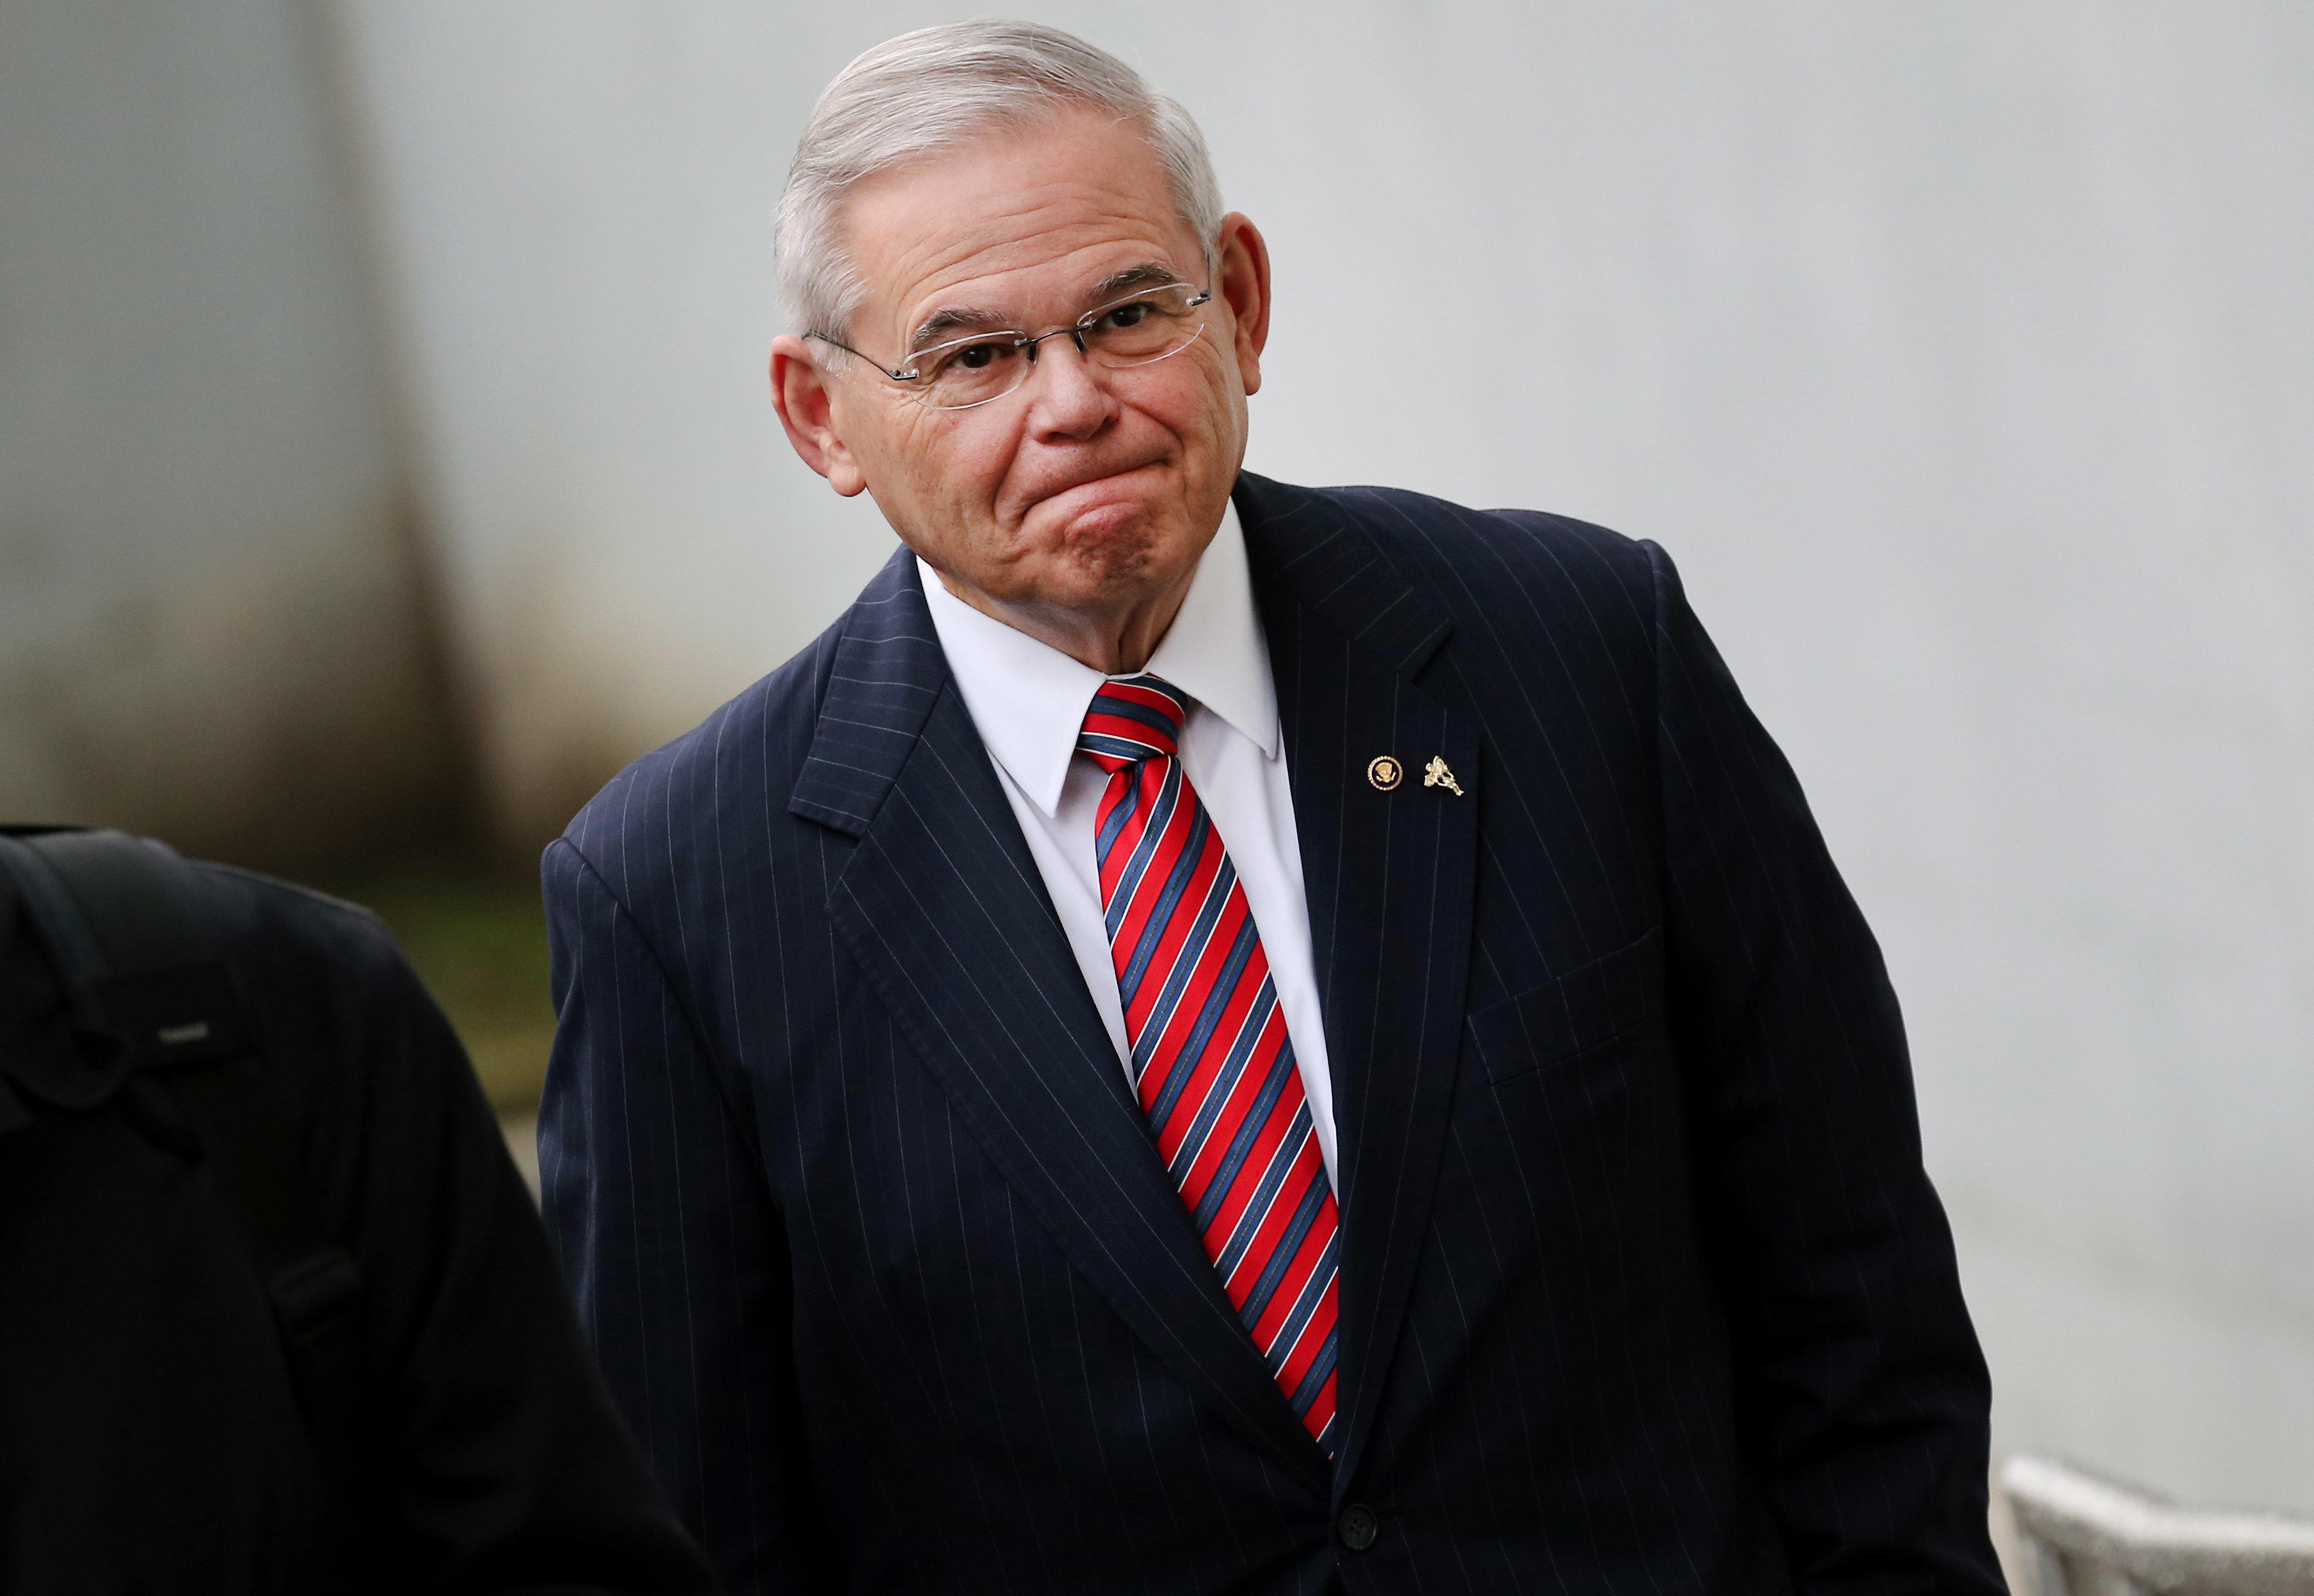 Sen. Bob Menendez (D-N.J.) arriving at federal court in Newark, New Jersey, on Thursday.